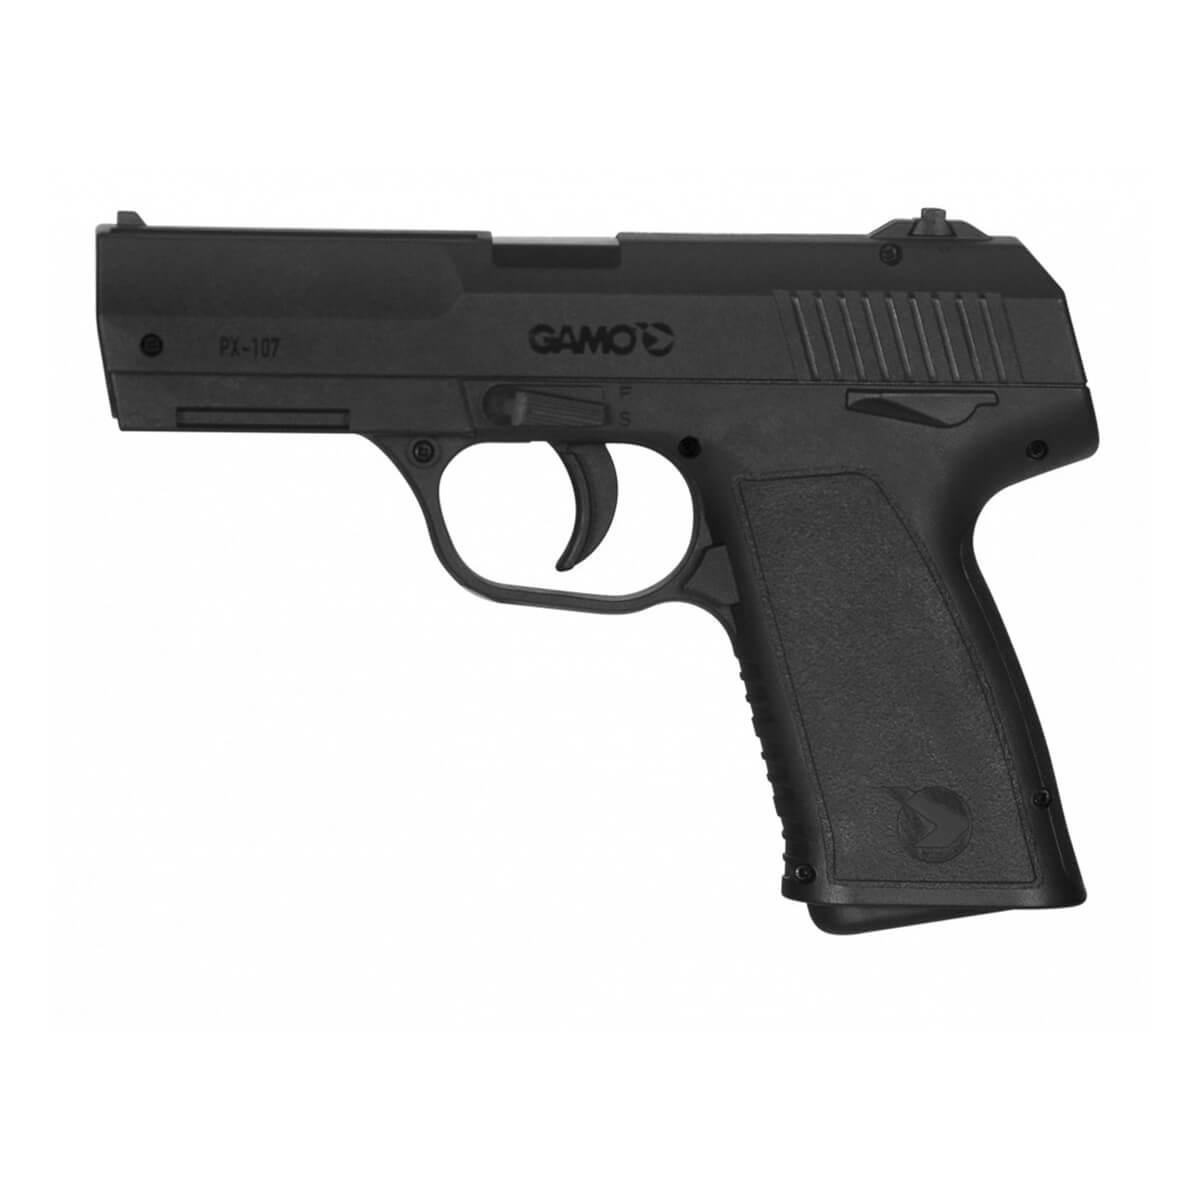 Pistola Pressão Gamo Co2 PX-107 4,5mm Esfera de Aço